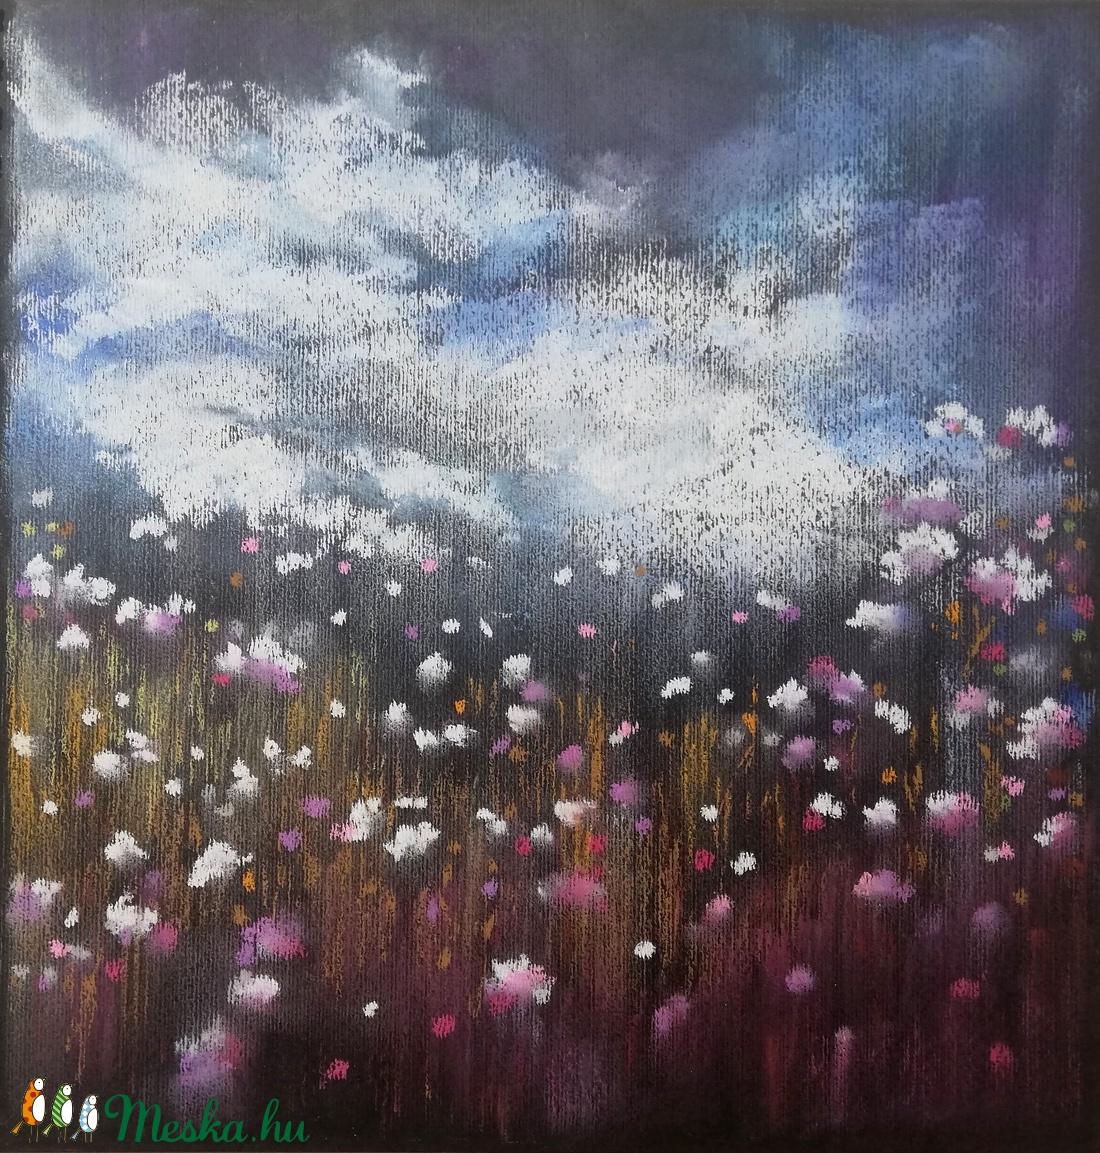 Gondolj rám - virág... (PostaAliz) - Meska.hu